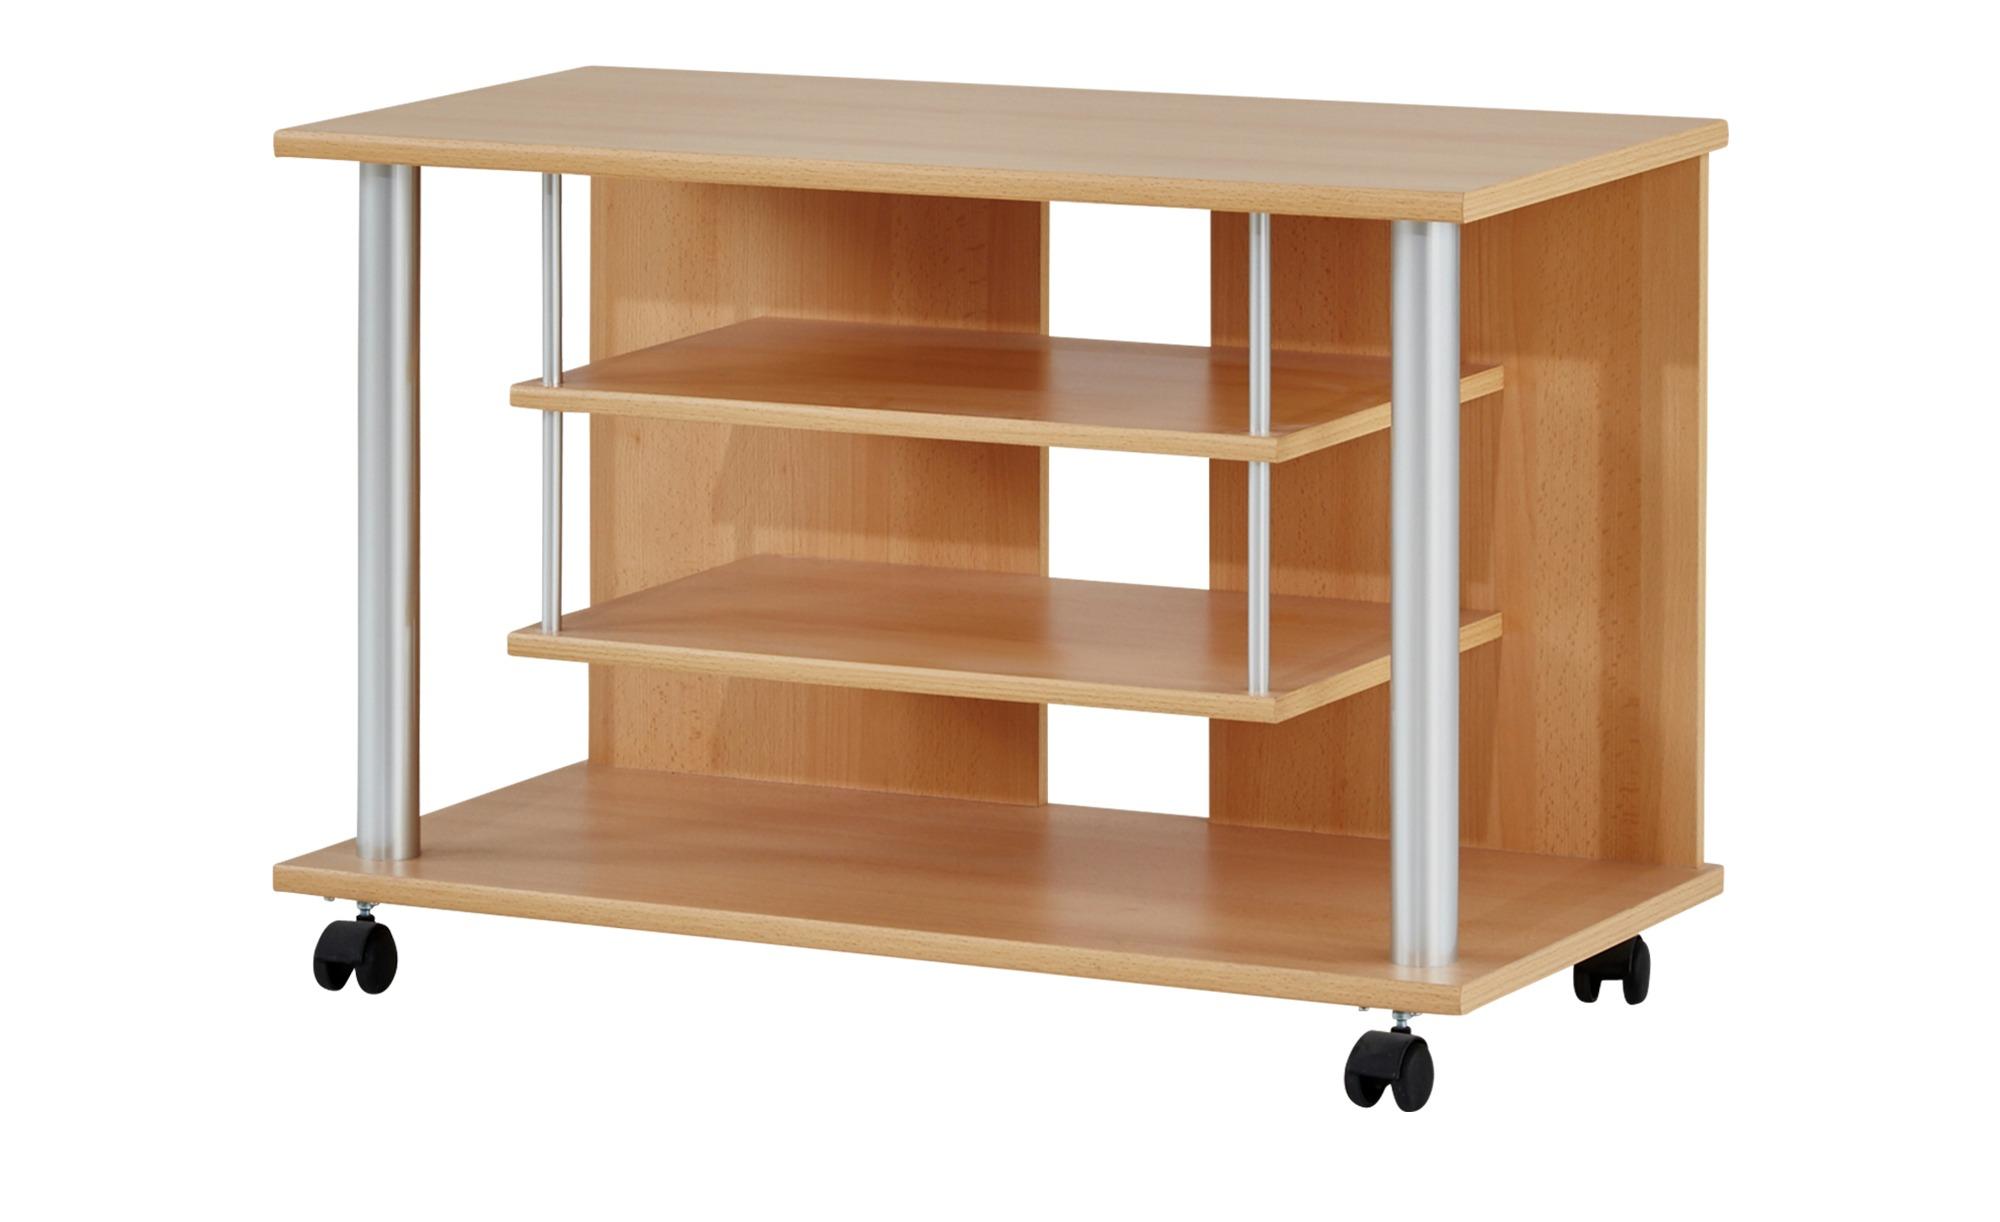 TV-Wagen  Mernes II ¦ holzfarben ¦ Maße (cm): B: 80 H: 54 T: 40 TV- & Media Möbel > TV-Racks - Höffner